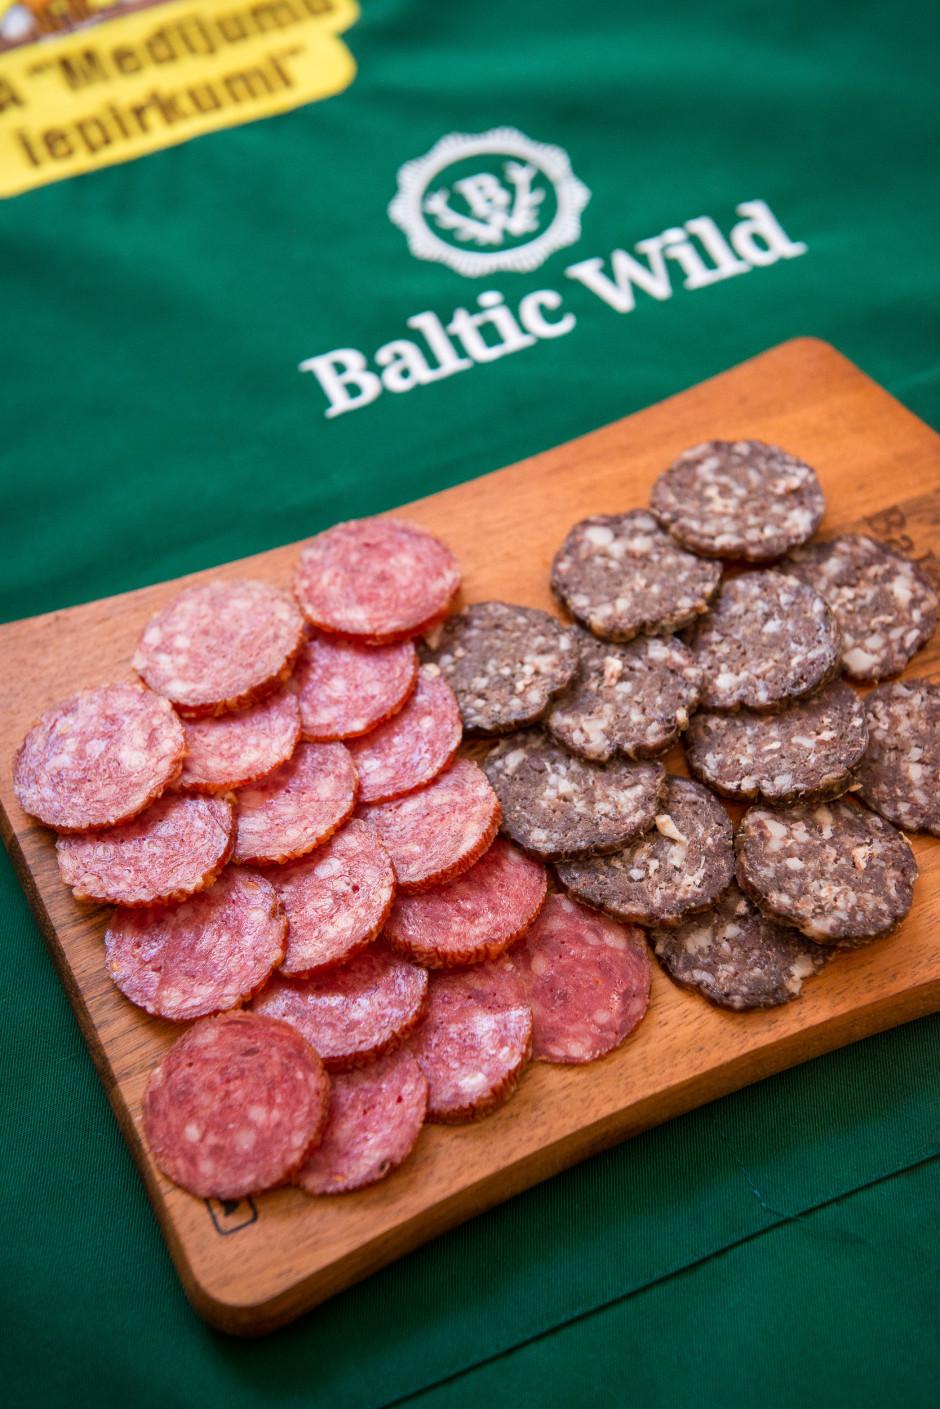 Ērti un viegli sagriež šķēlītēs medījumu gaļas izstrādājumus...